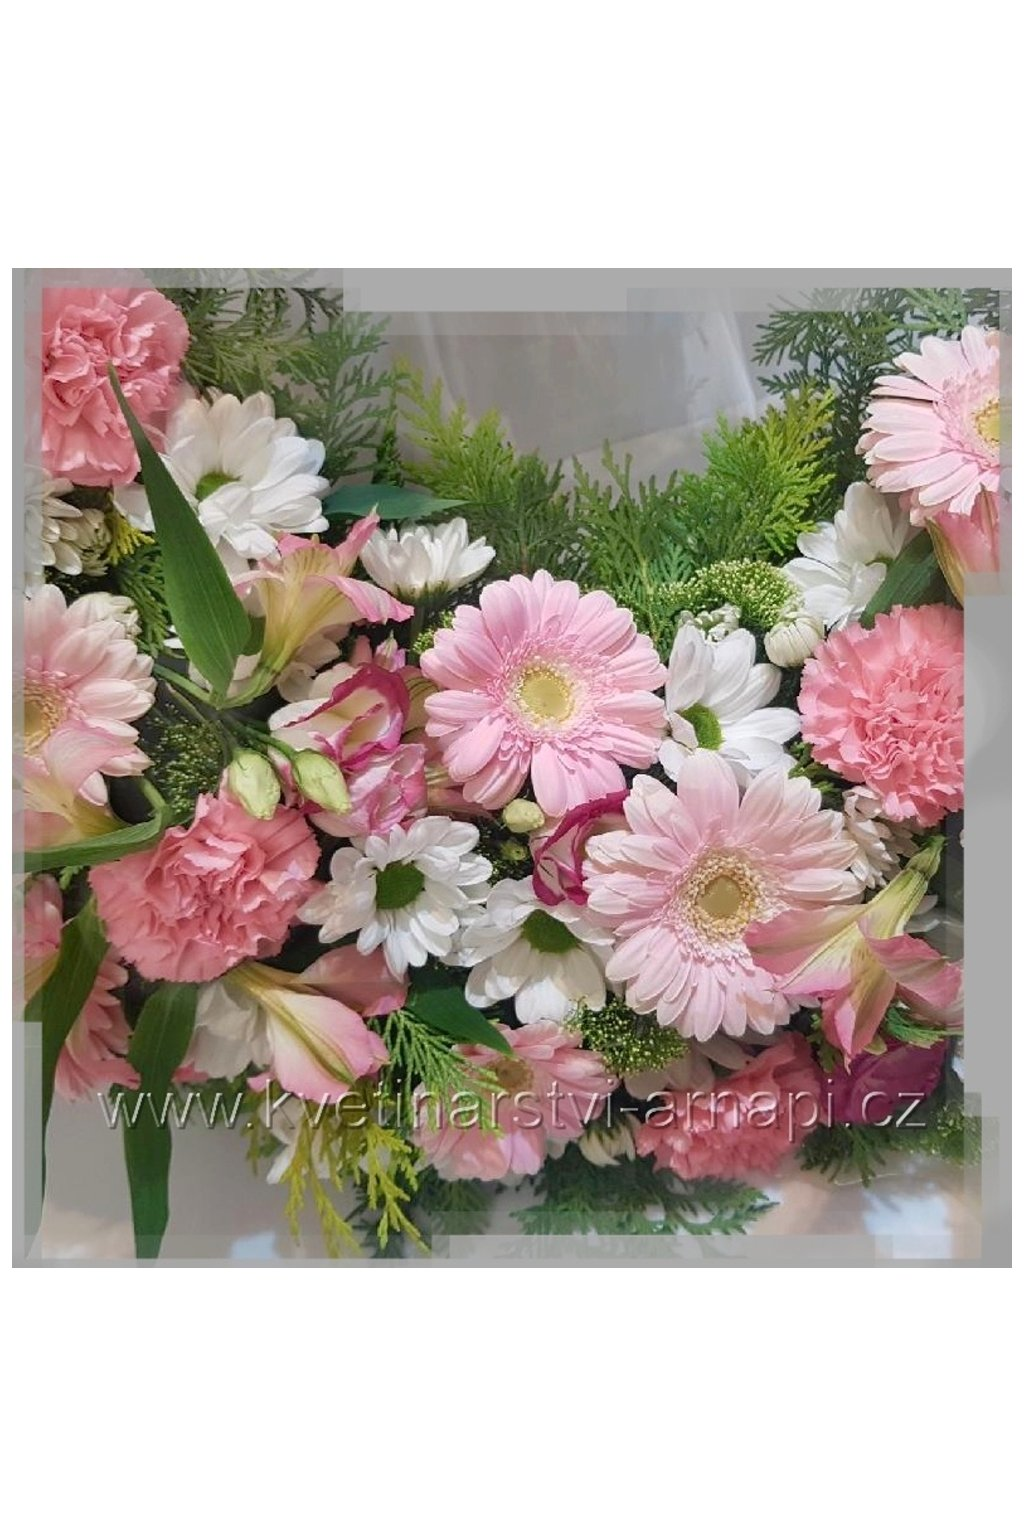 smutecni venec ruze bile kvetinarstvi arnapi